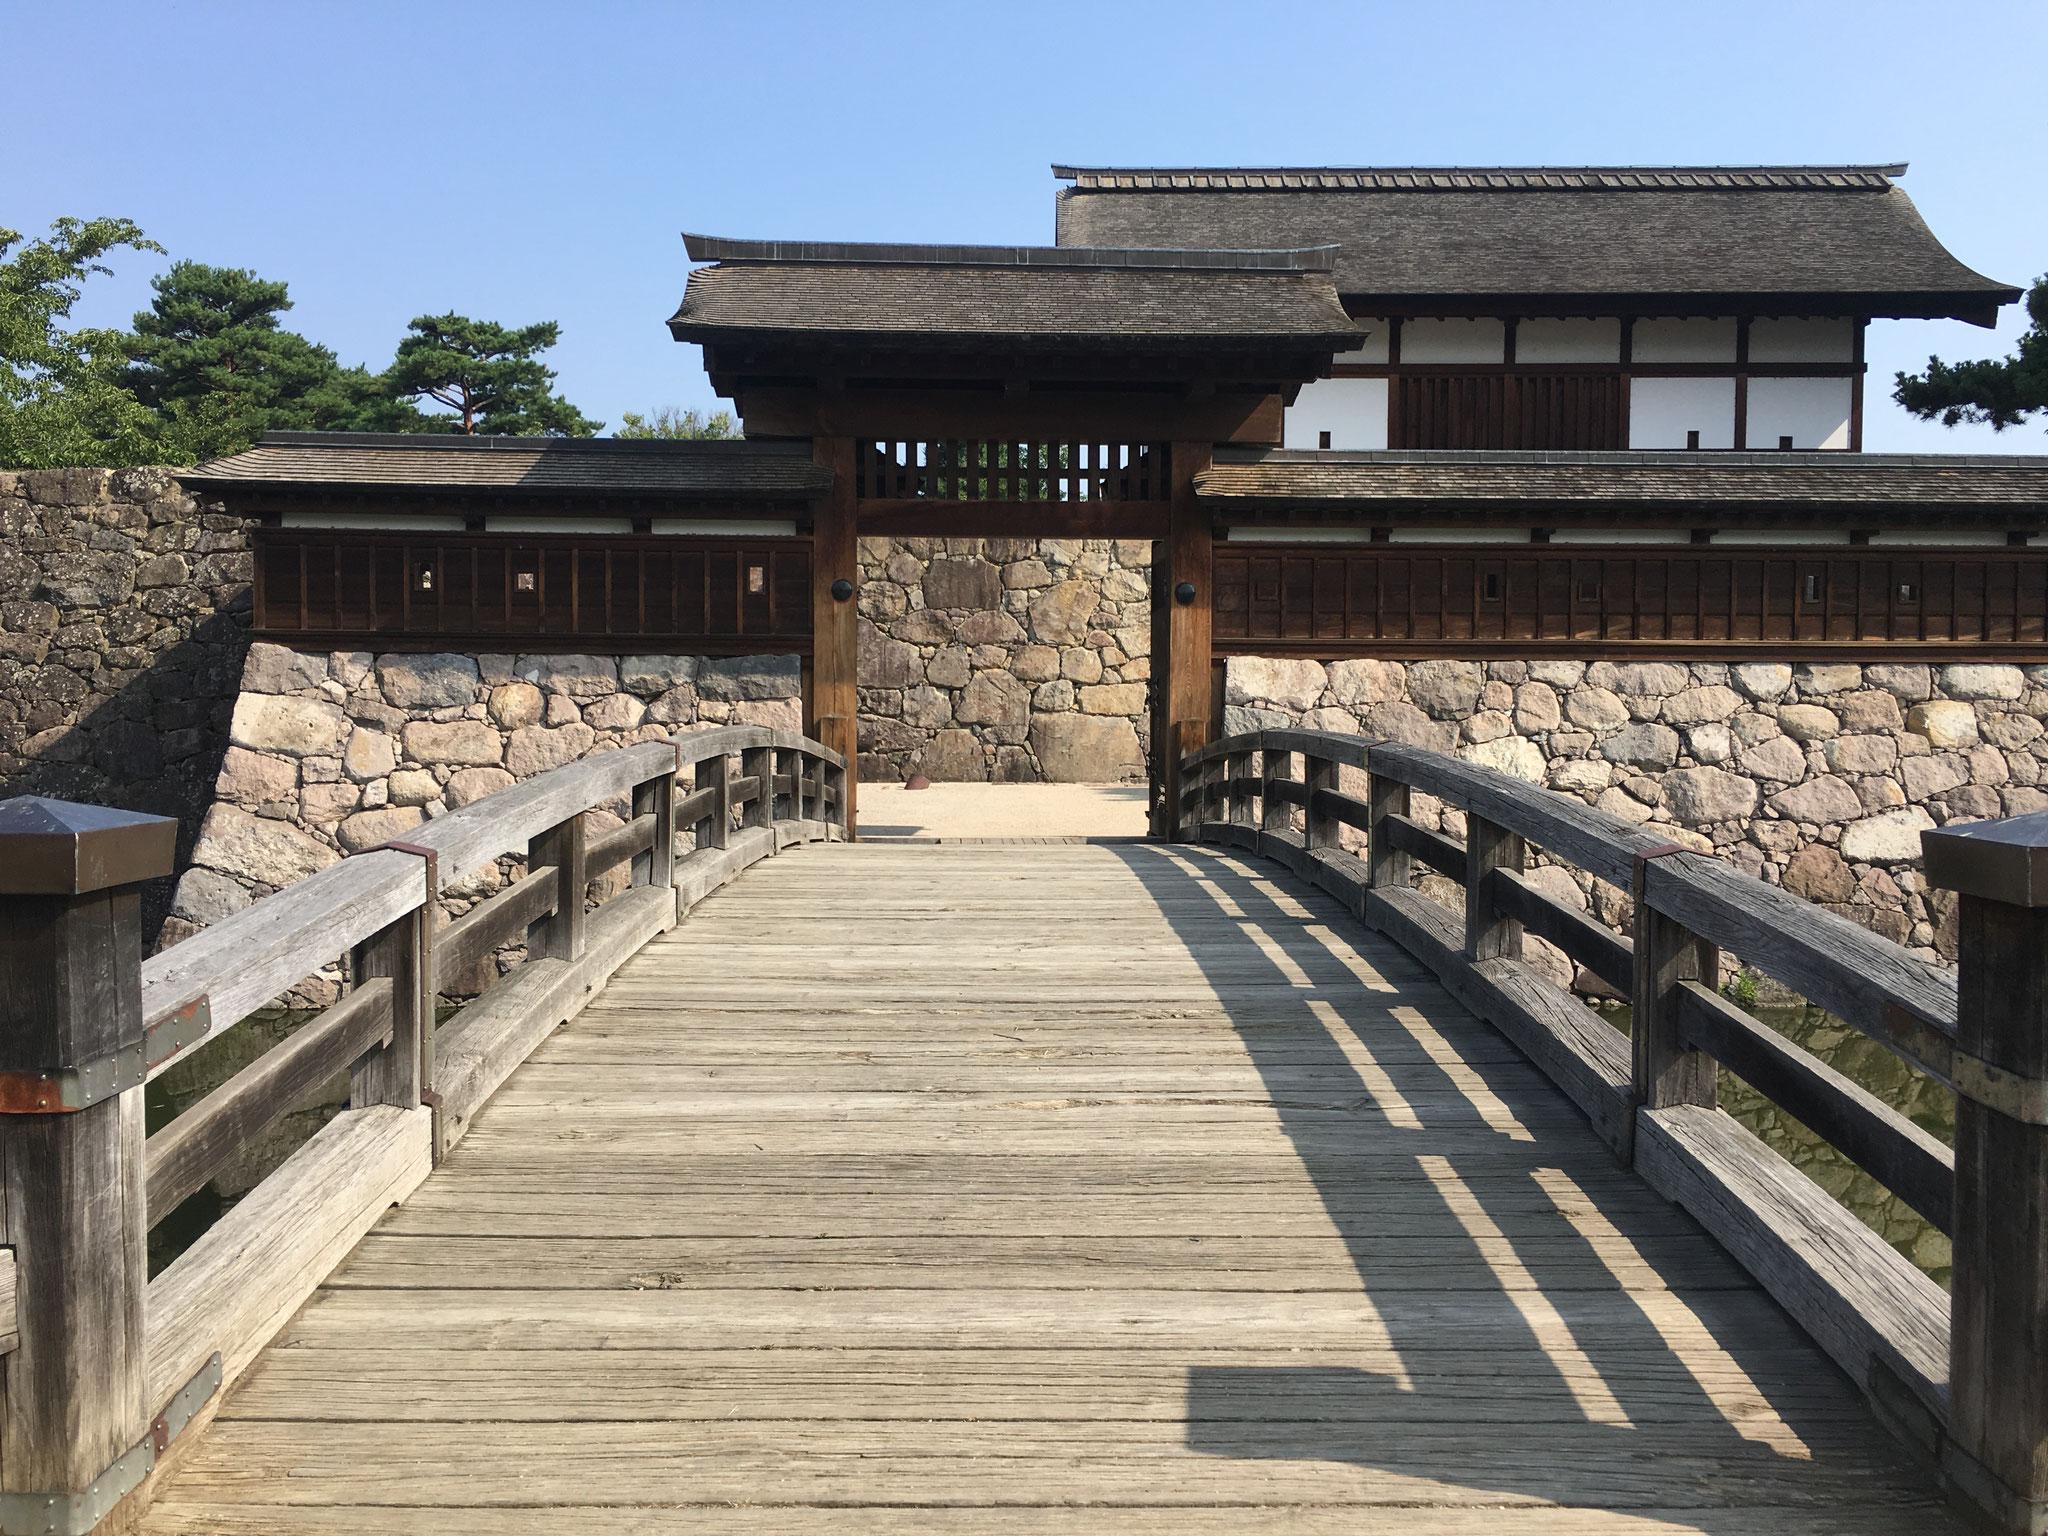 松代(まつしろ)城。別名、海津(かいづ)城。  1622年、真田信幸は徳川幕府から信之と改名させられ、さらに、上田から松代への移封を命じられました。